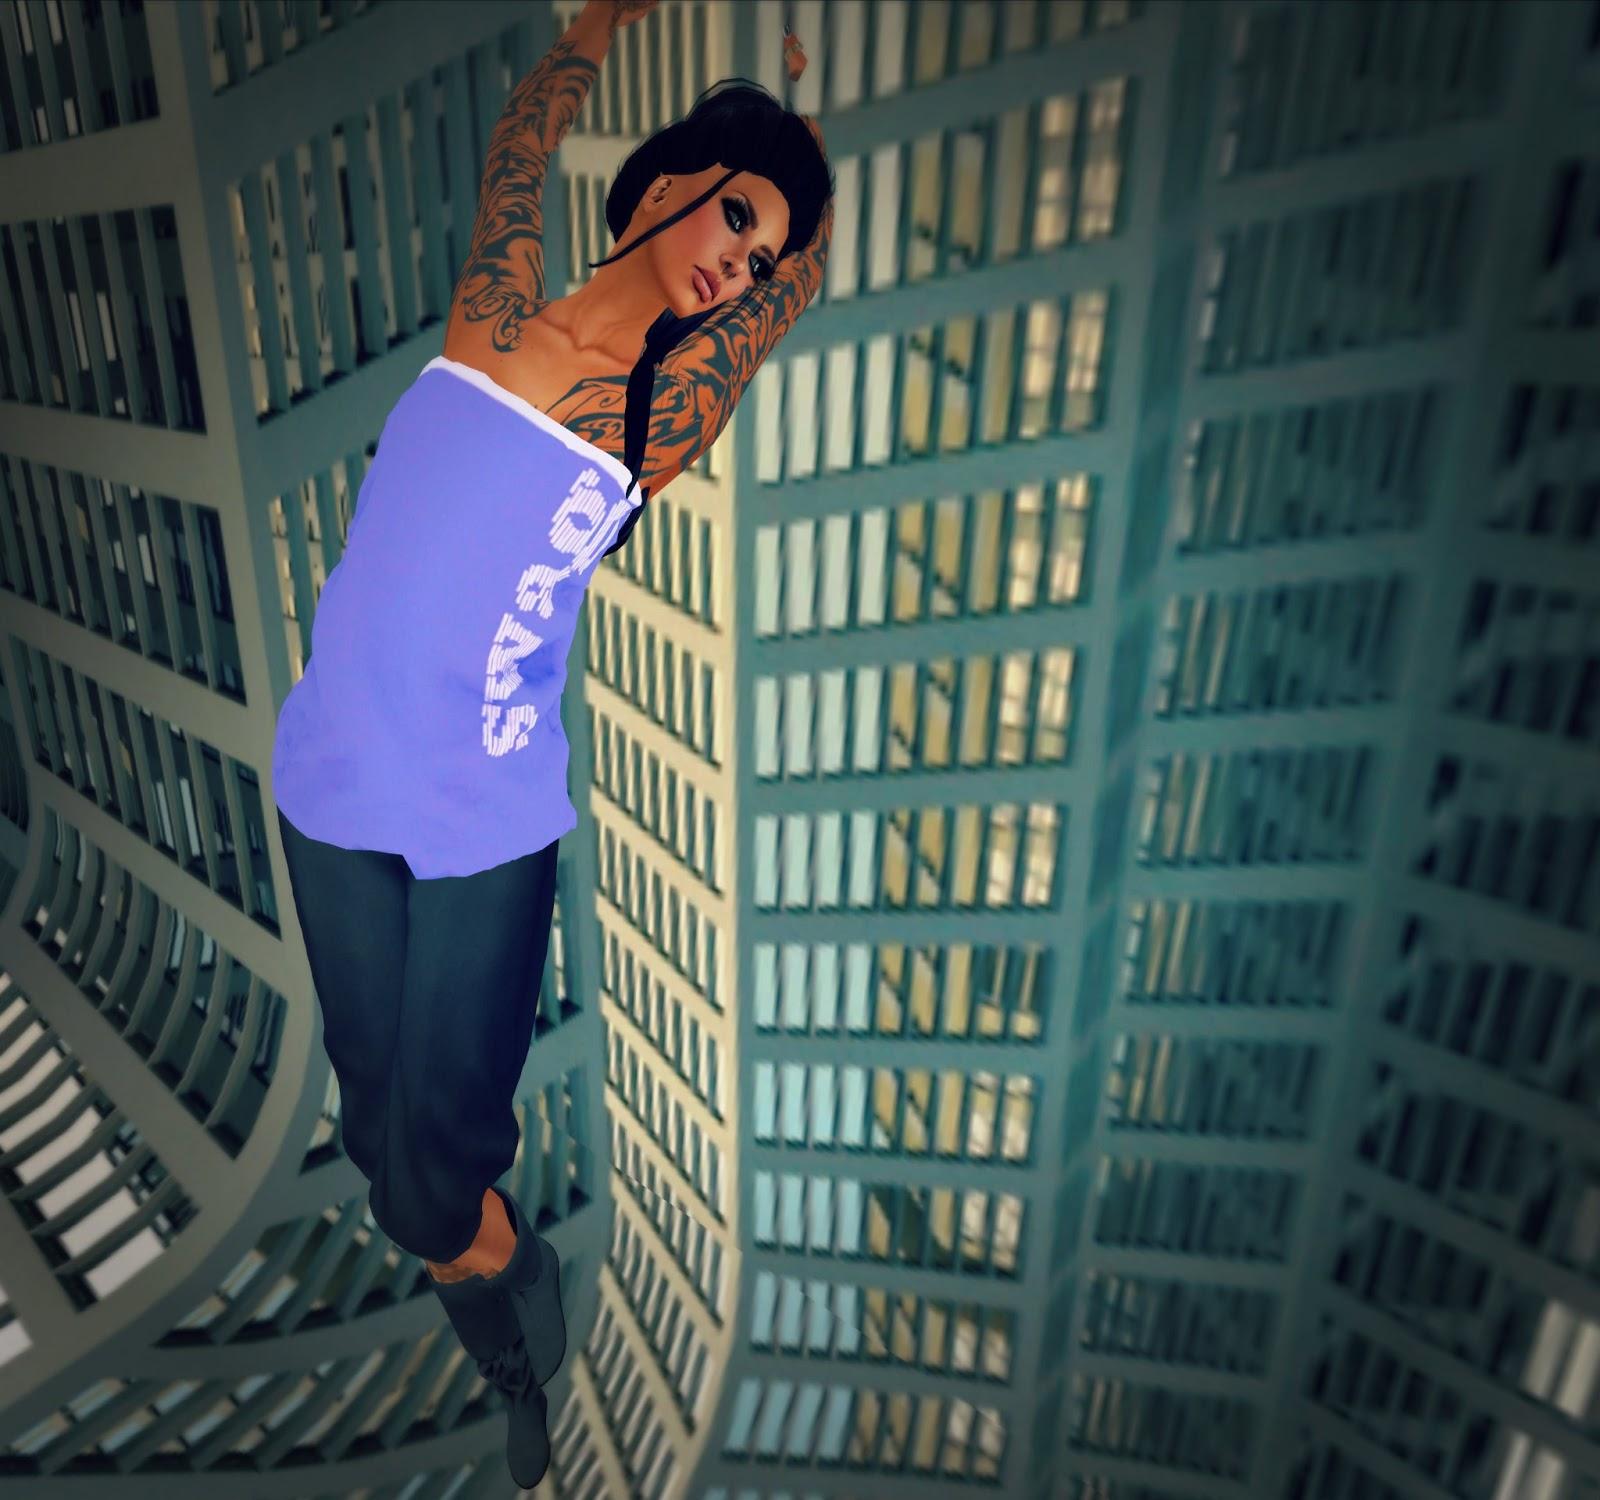 b4eb7c051725 Top  tubotop swag mesh disponible en 6 colores. Pantalon  short swag mesh  diponible en 3 colores y en 4 estilo militar. Botas  shouchy drydon 3  colores